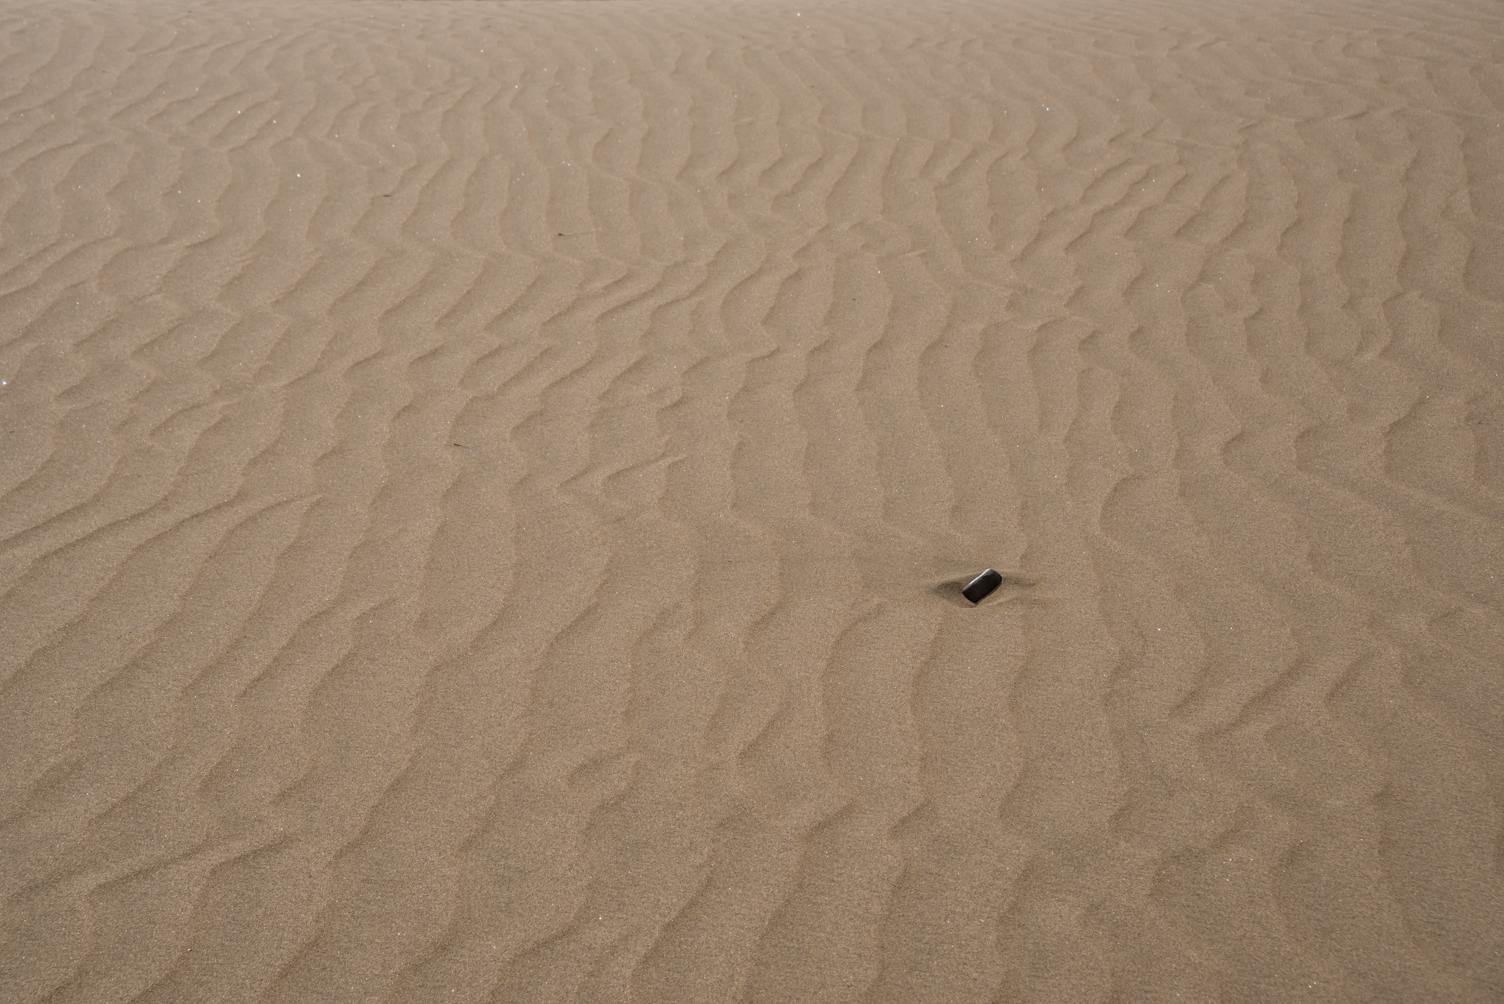 Desert at Maspalomas, Gran Canaria. Nikkor 300mm